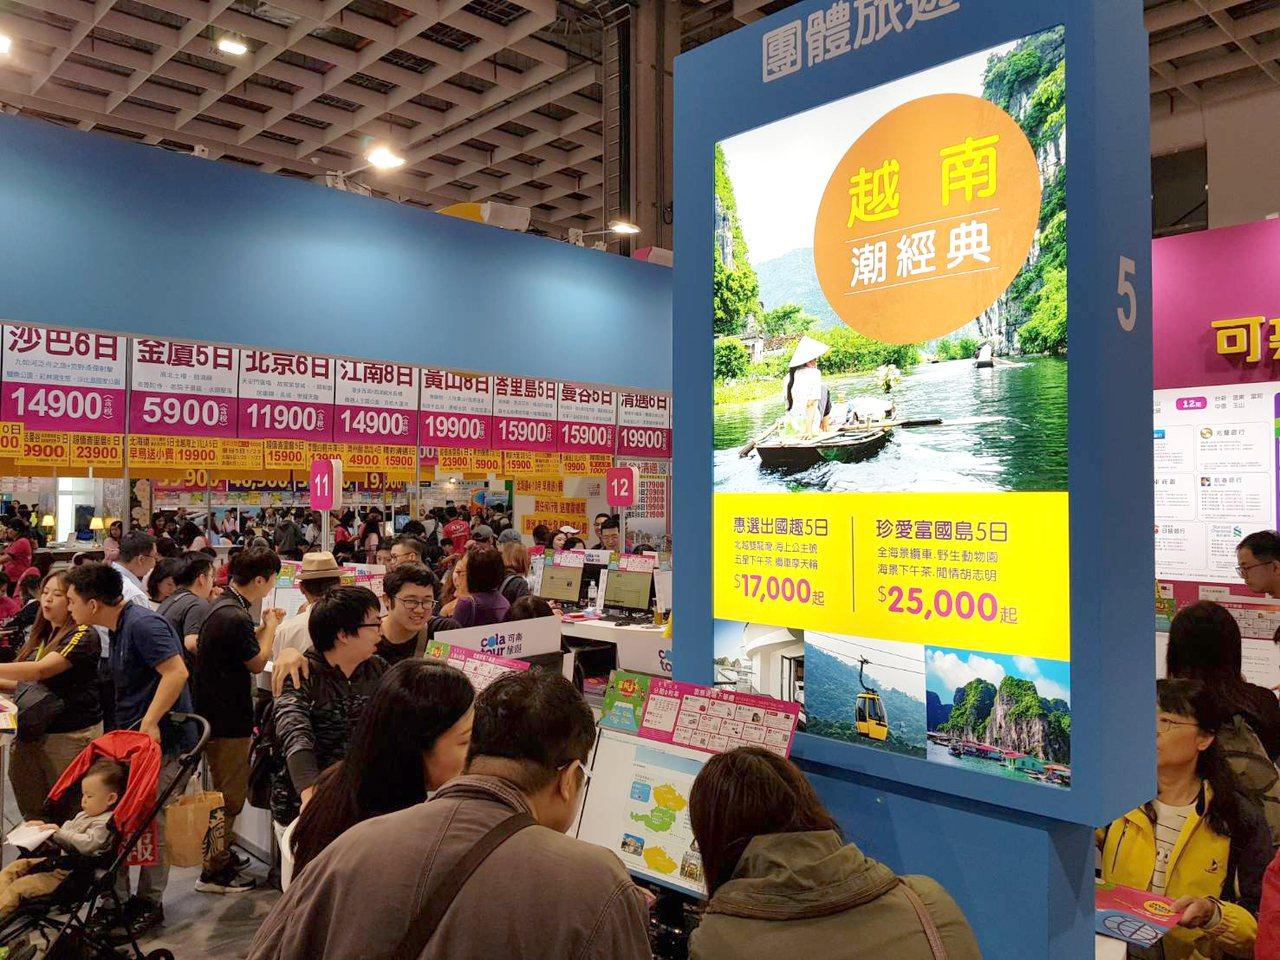 越南的峴港成為今年旅展的熱門銷售黑馬之一。記者陳睿中/攝影